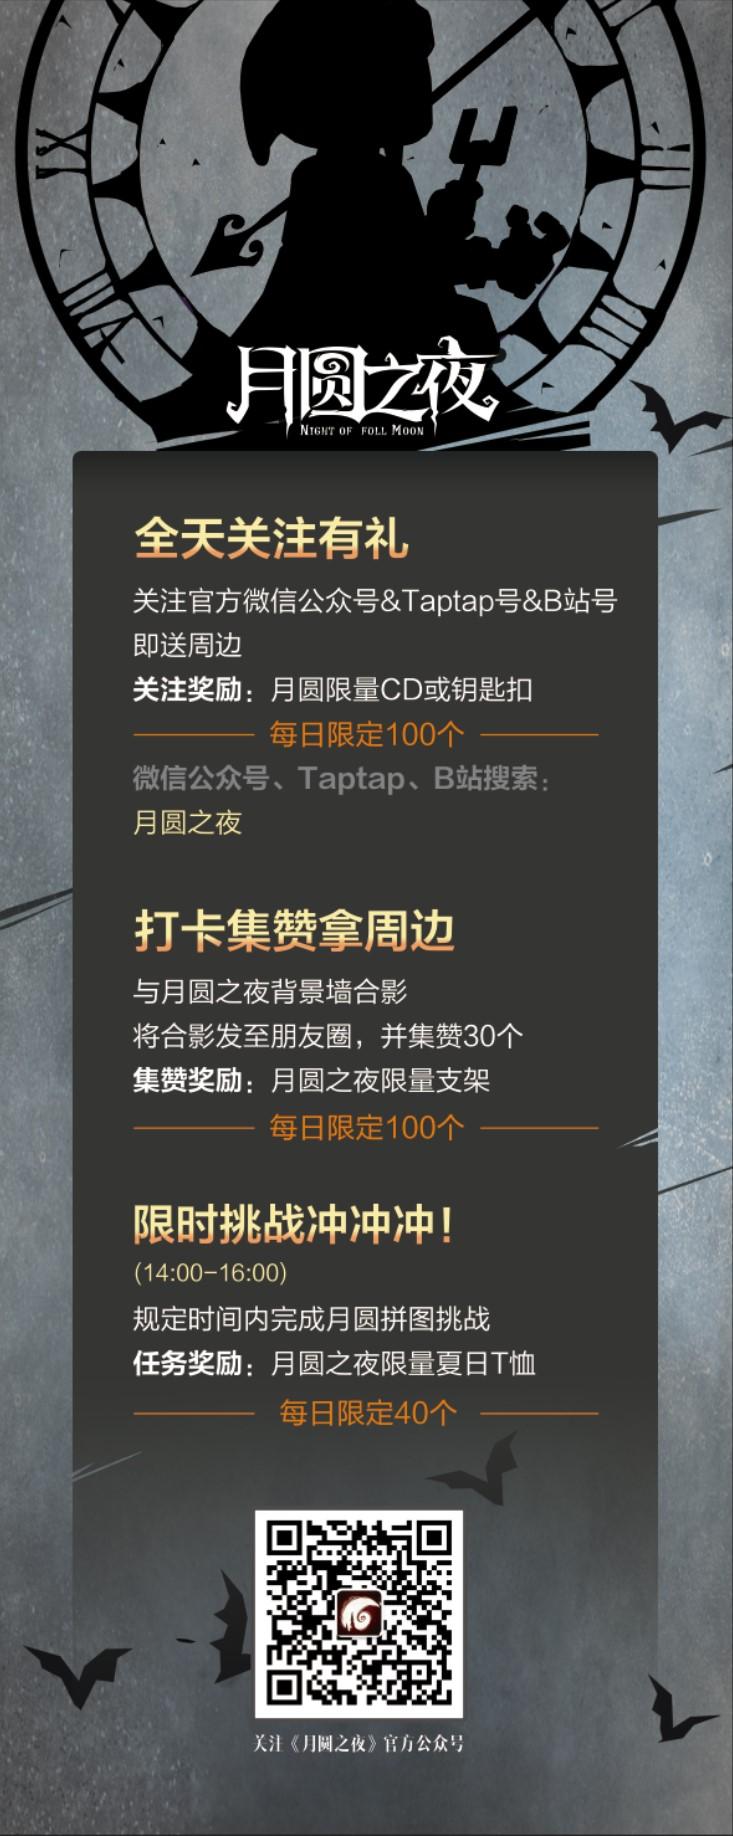 海量周边福利多多 《月圆之夜》疑携新职业参展ChinaJoy2020